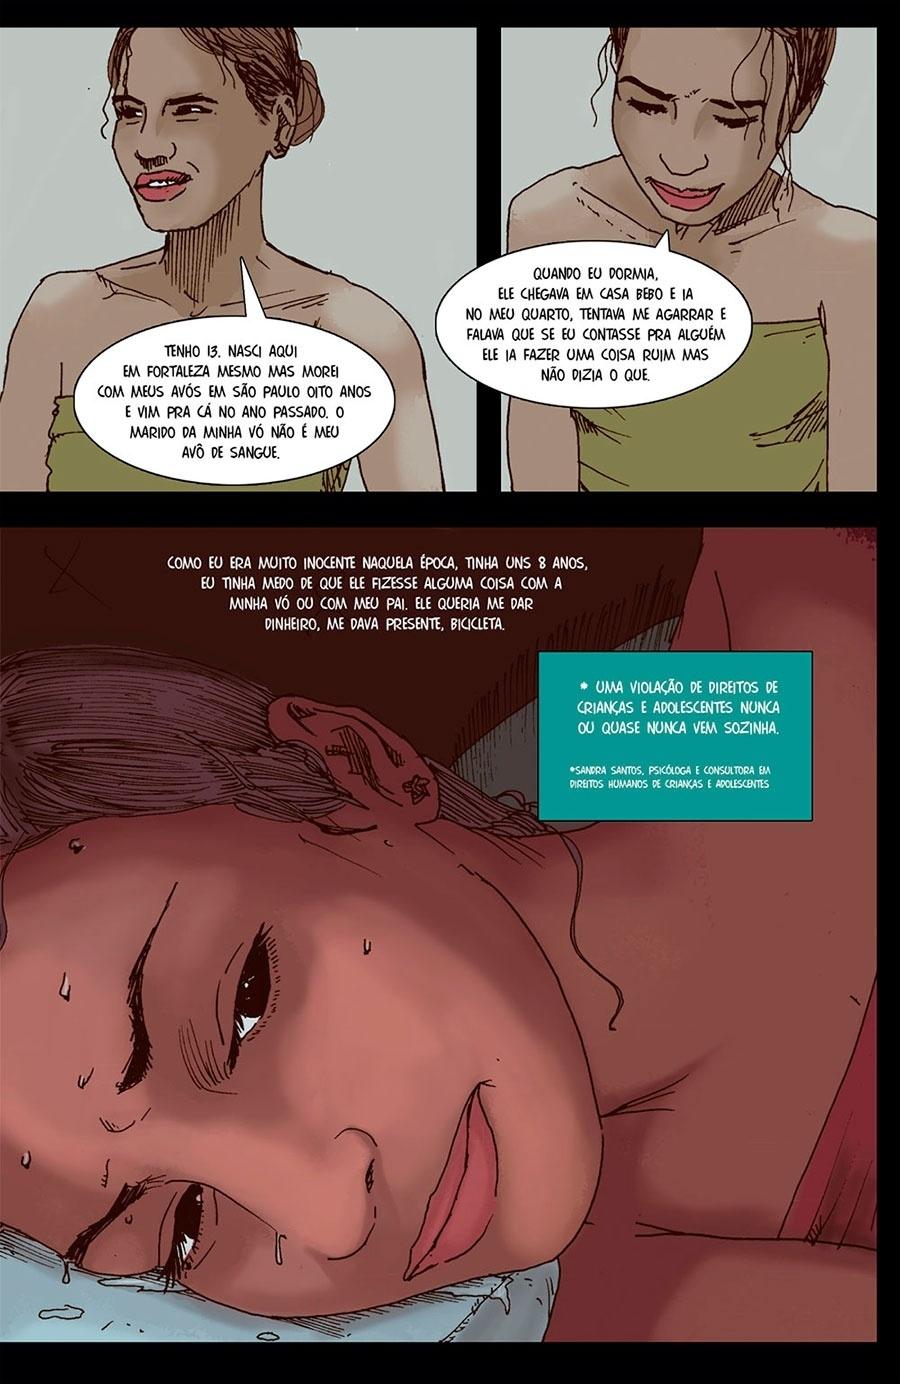 Capítulo 2: Ela relatou que aos 8 anos já sofria abusos sexuais do namorado da avó.